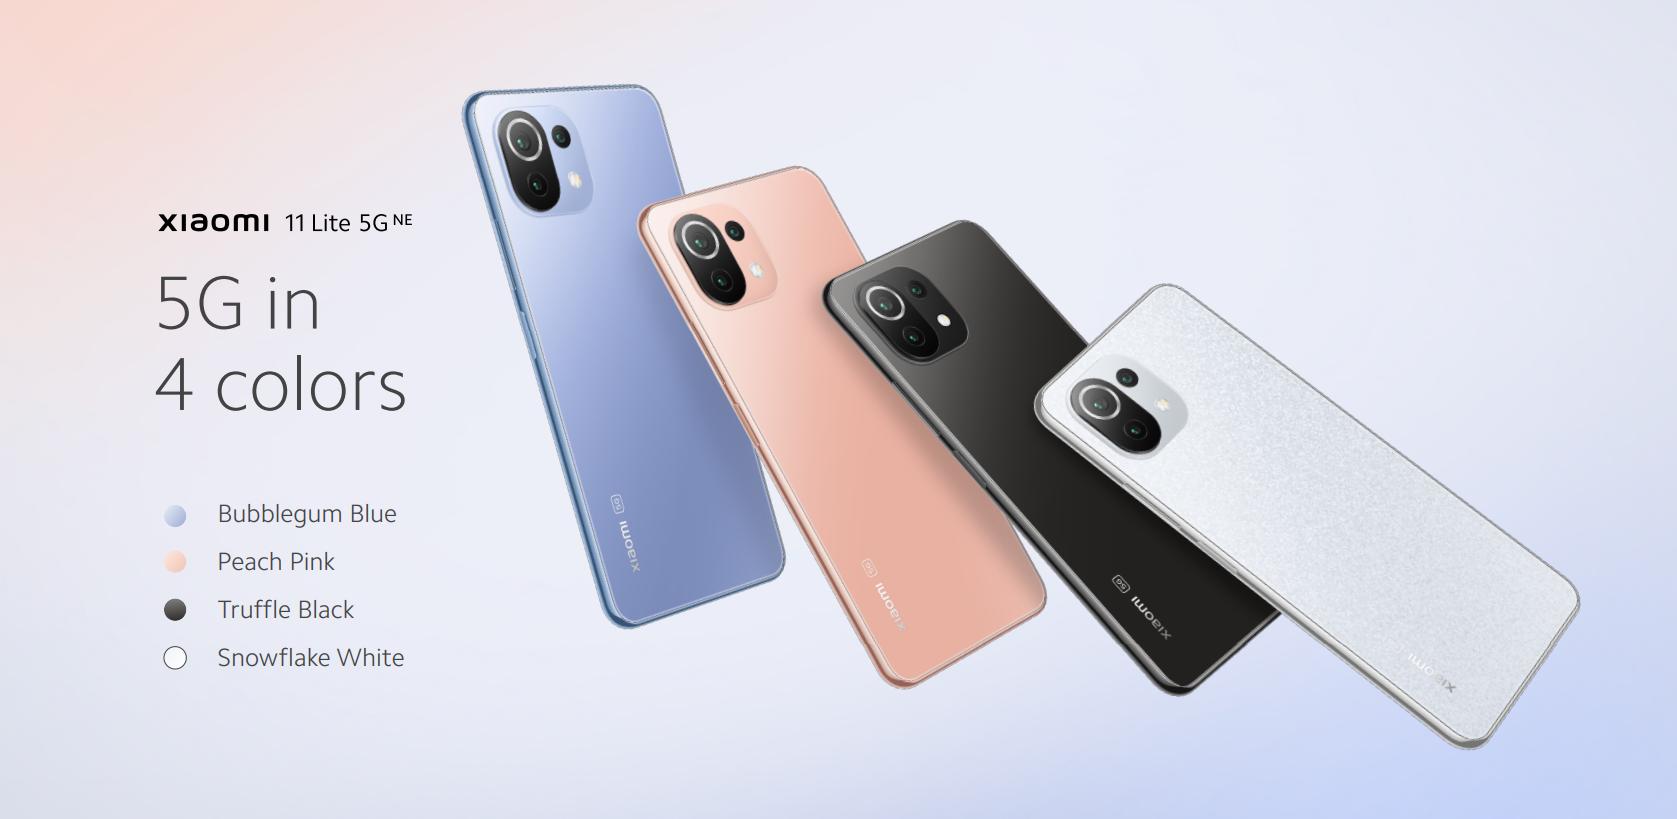 Xiaomi 11 Lite 5G NE (1)